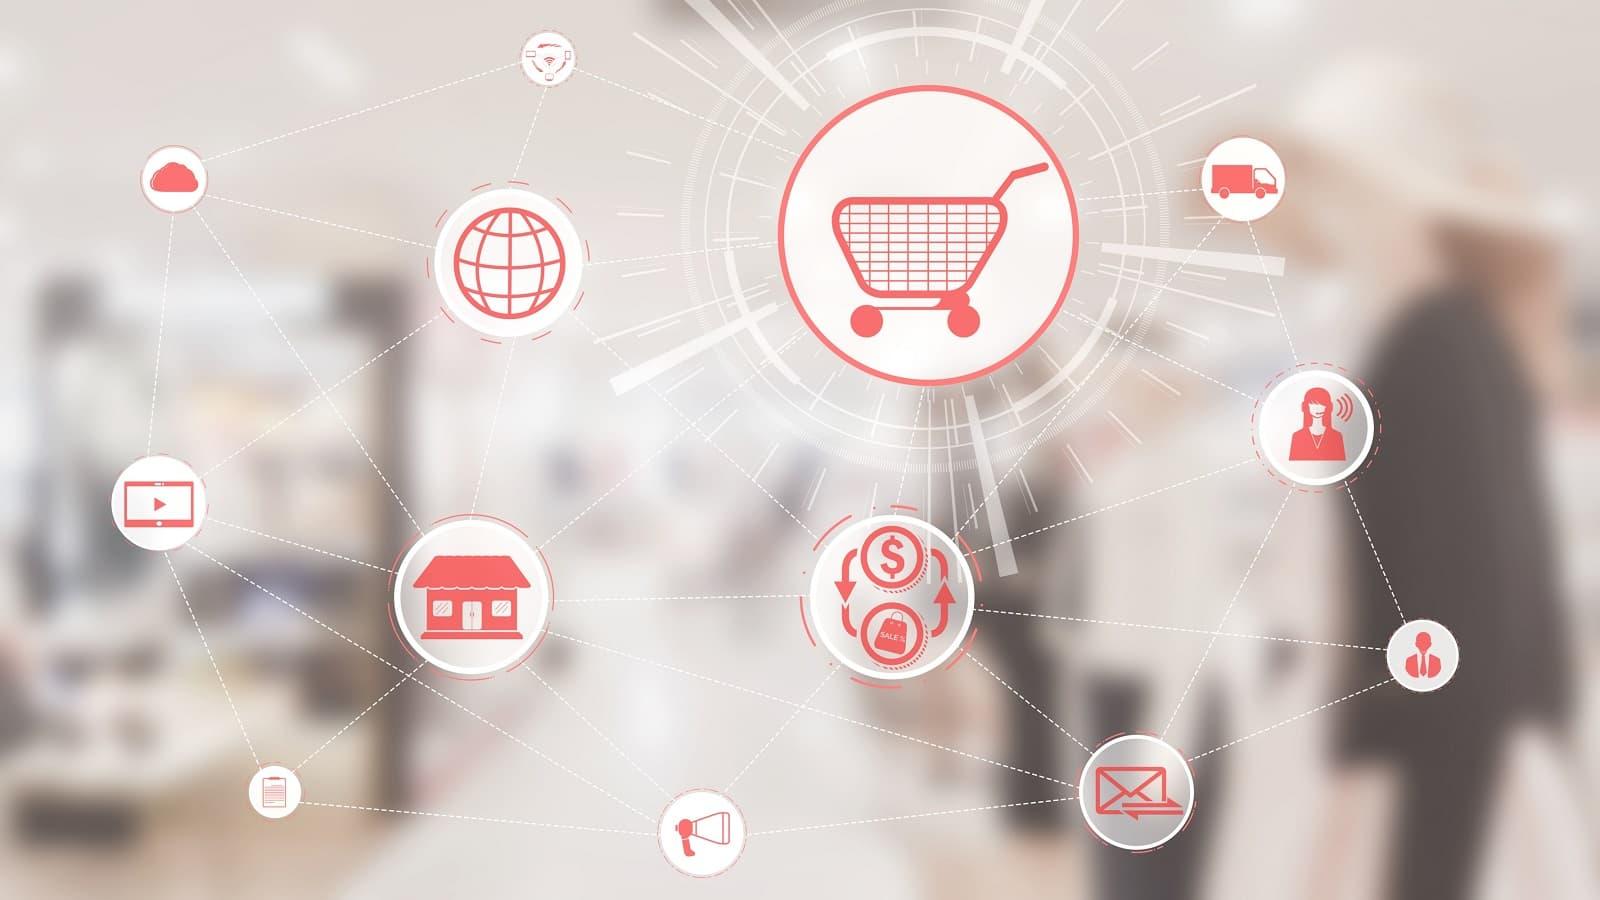 Imagen conceptual de compra online con pago contra reembolso